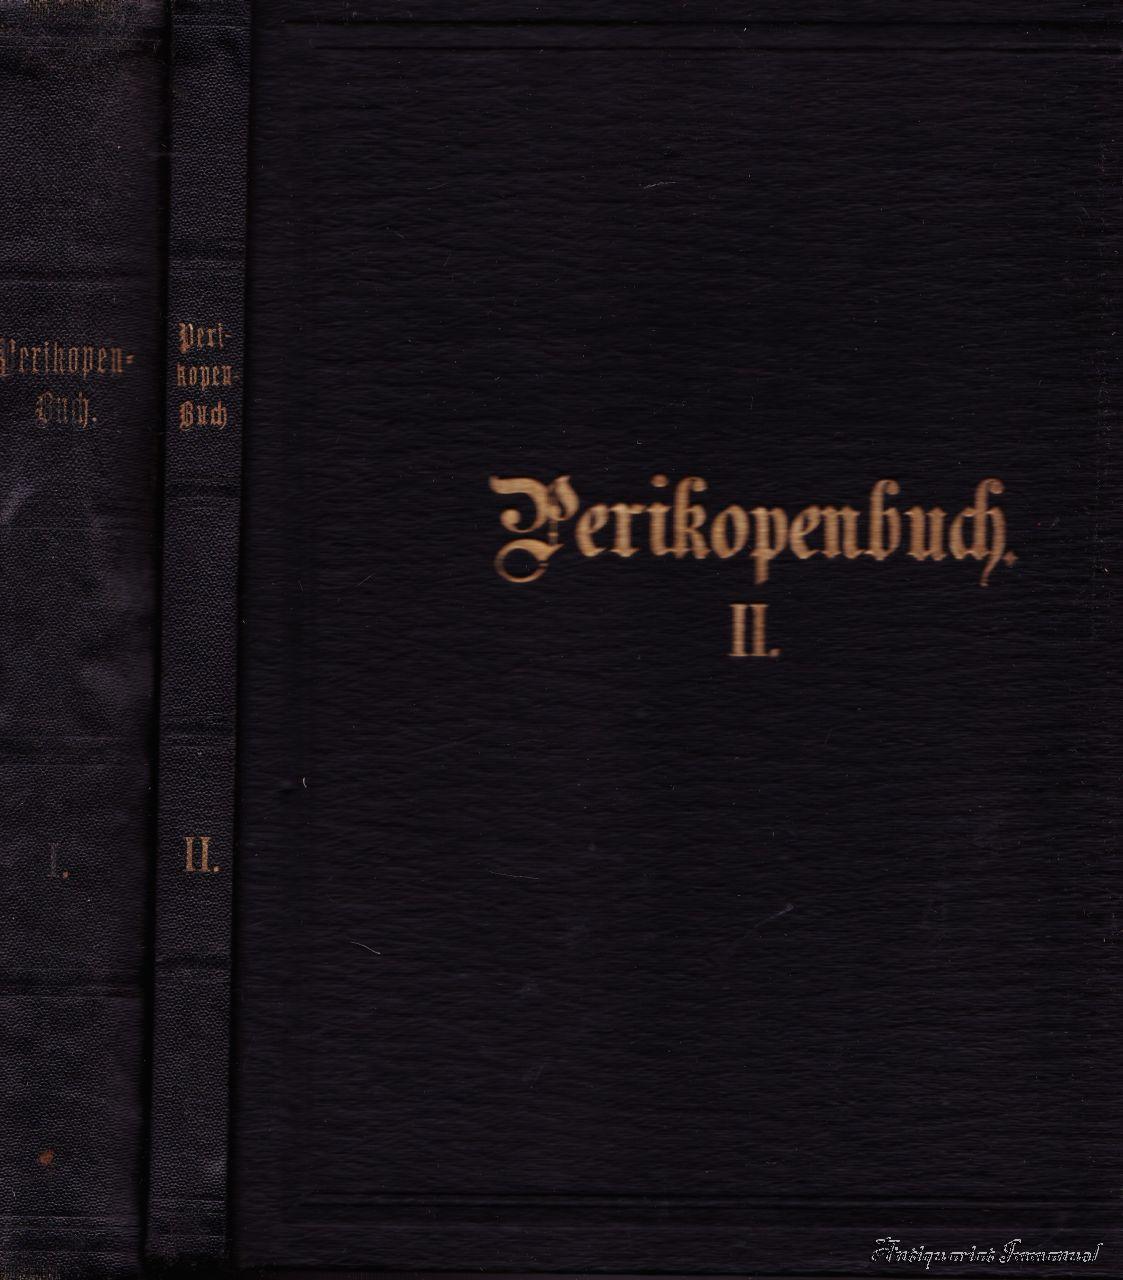 Perikopen für die evangelisch-lutherische Landeskirche des Königreichs: k.A.